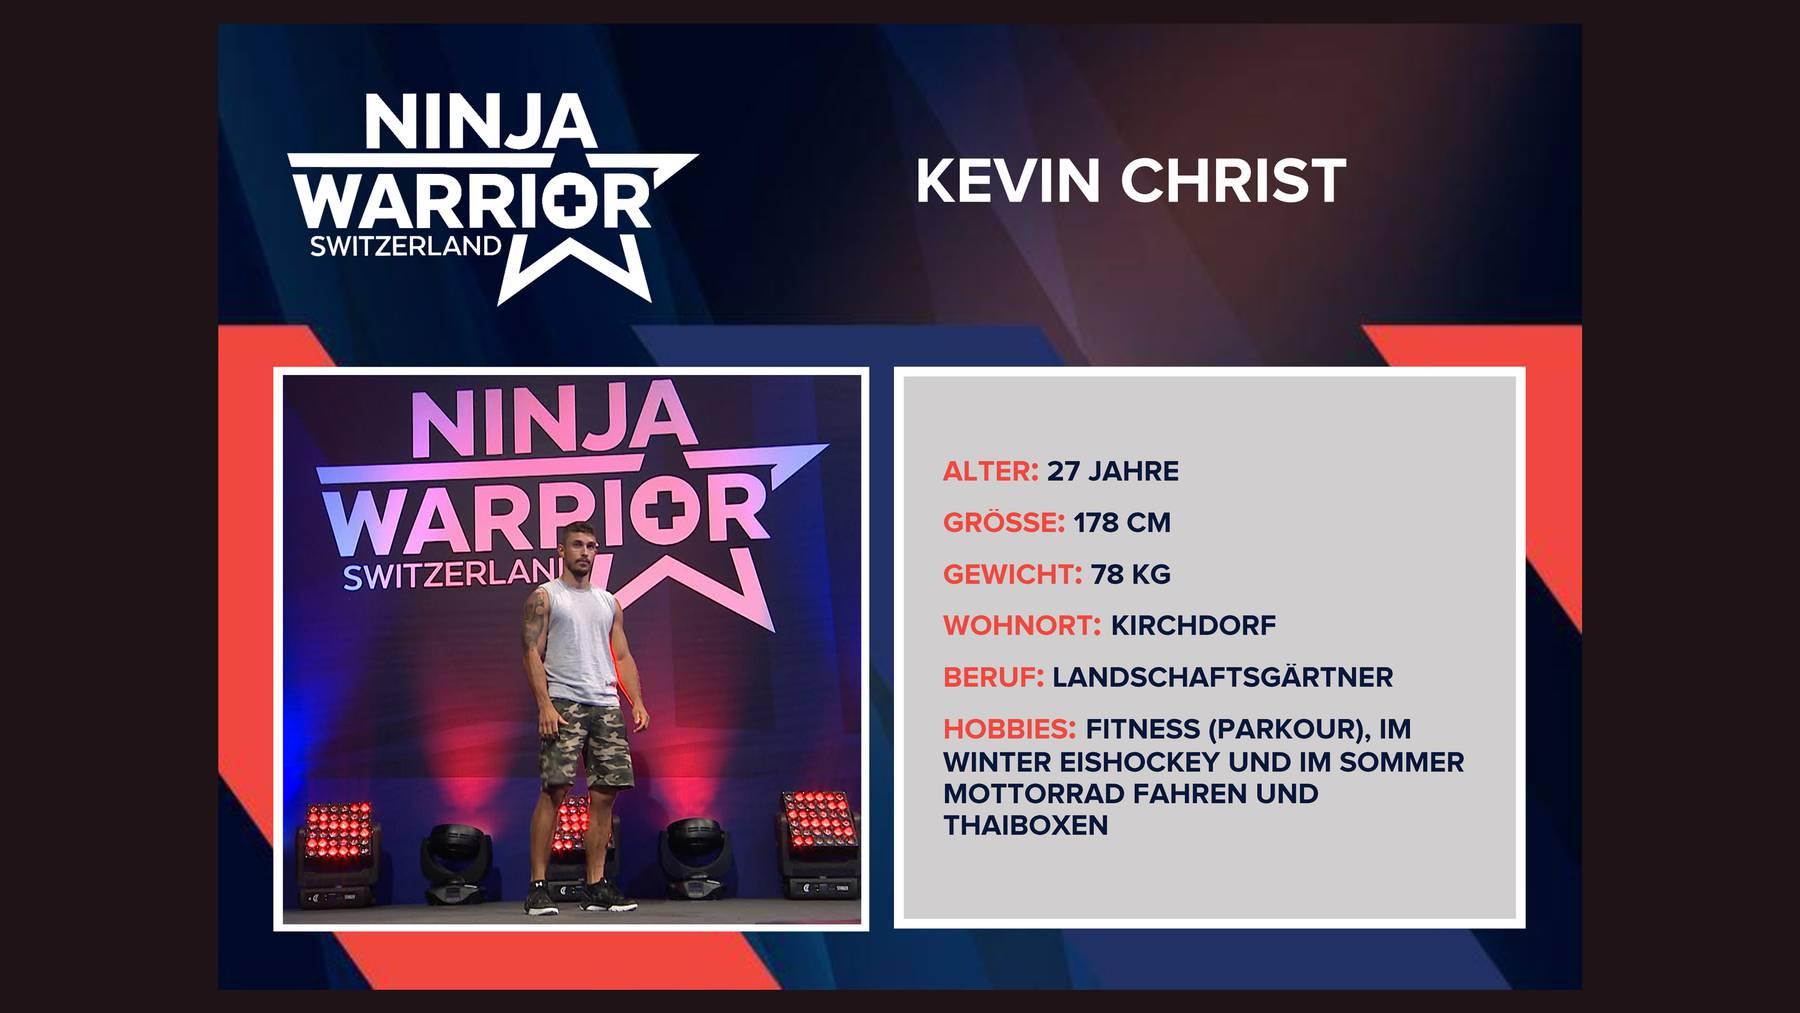 Kevin Christ